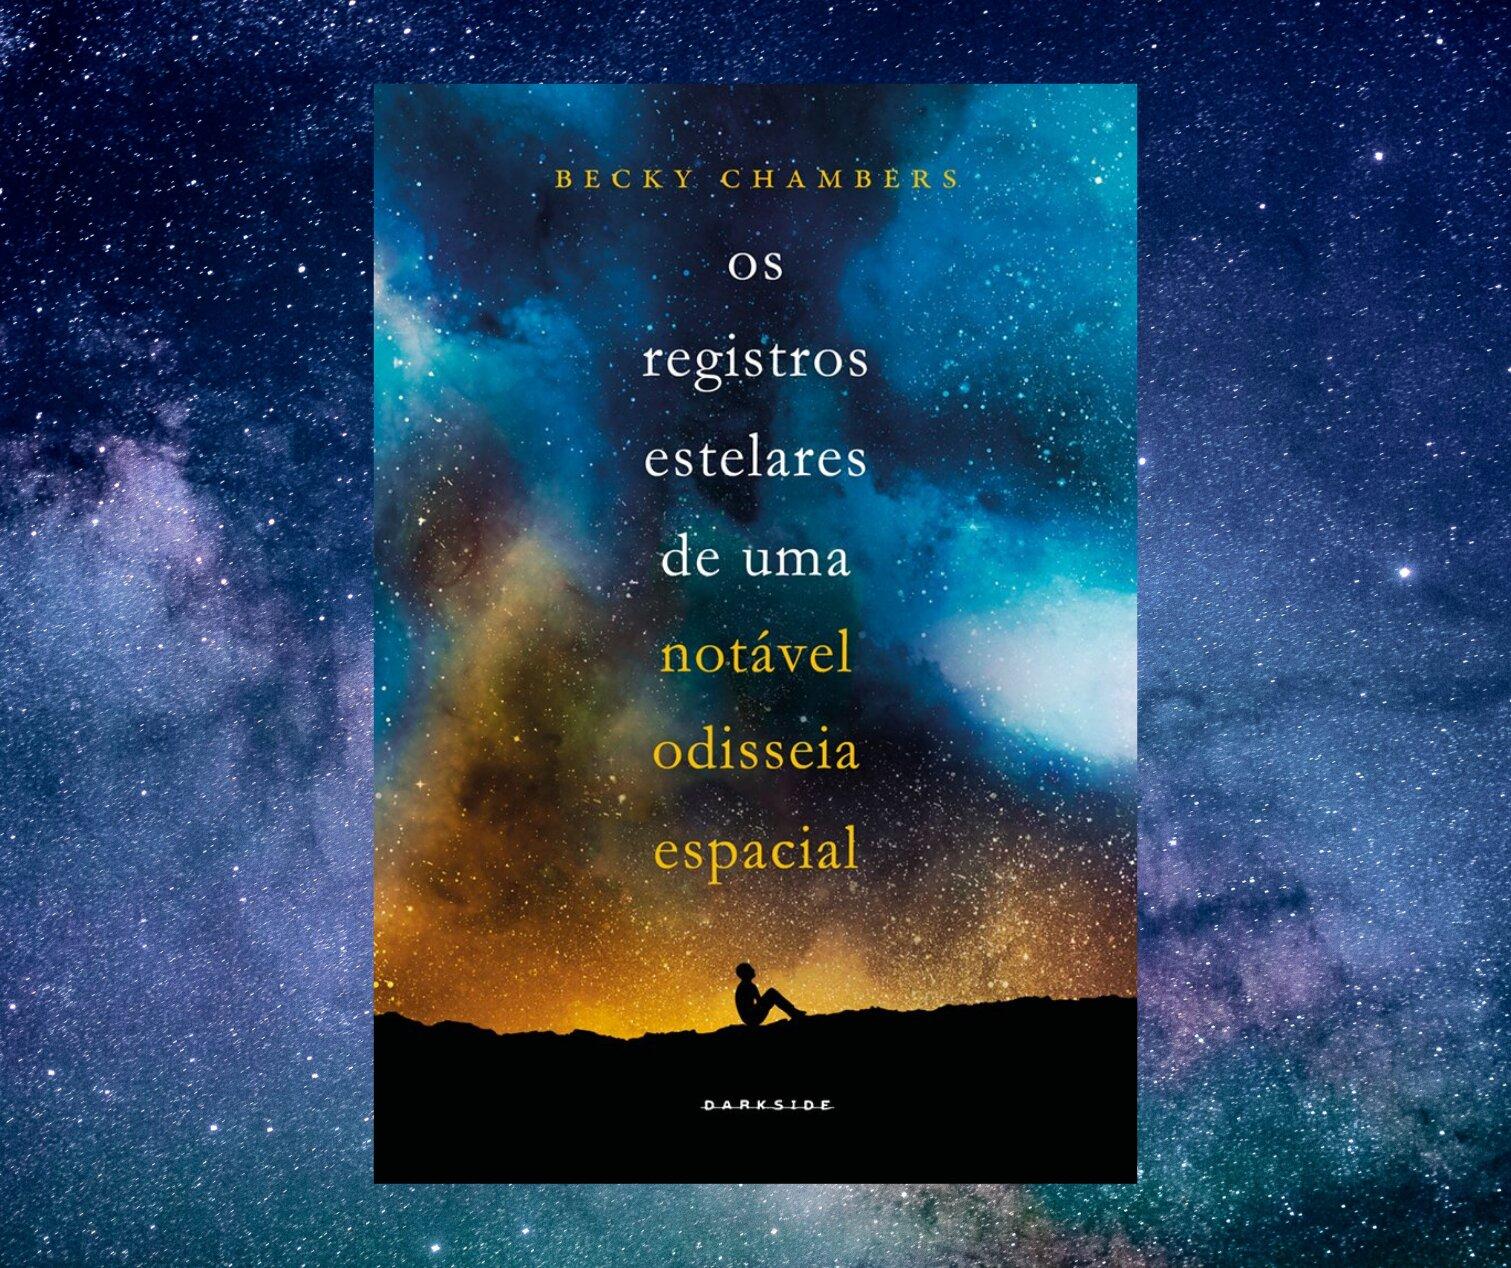 Resenha: Os Registros Estelares de uma Notável Odisseia Espacial, de Becky Chambers